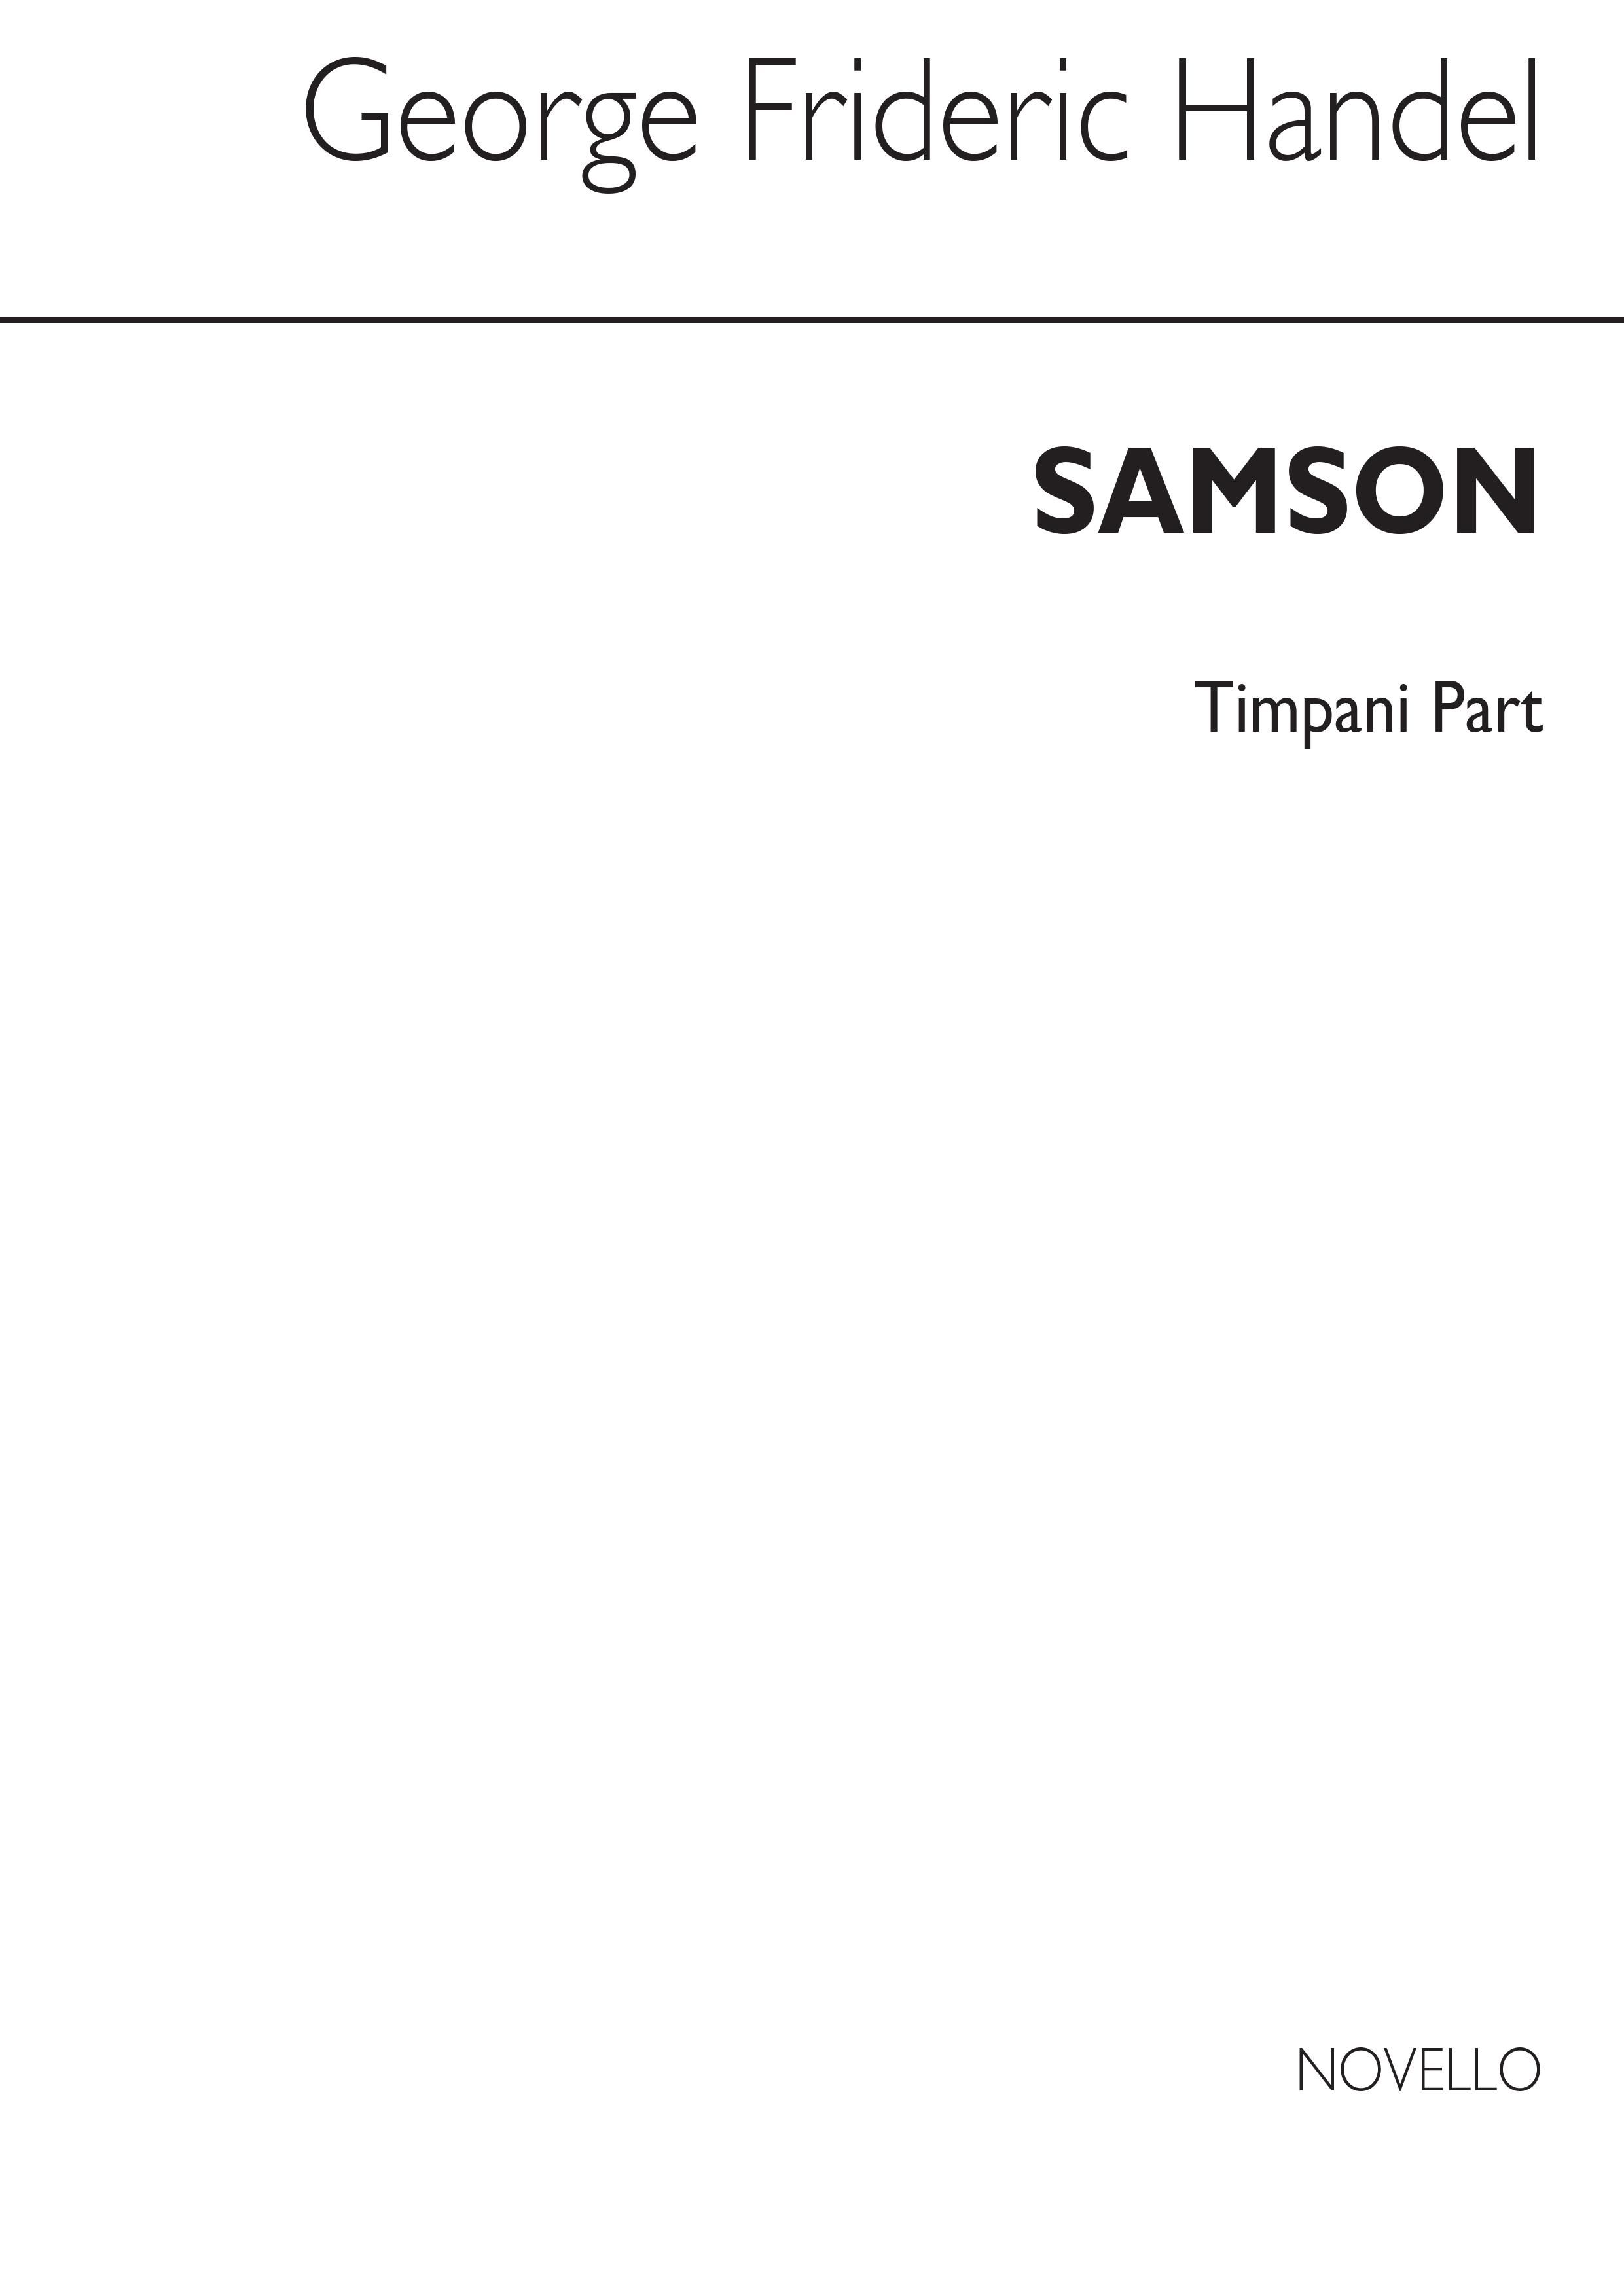 Georg Friedrich Händel: Samson (Timpani Part): Opera: Part